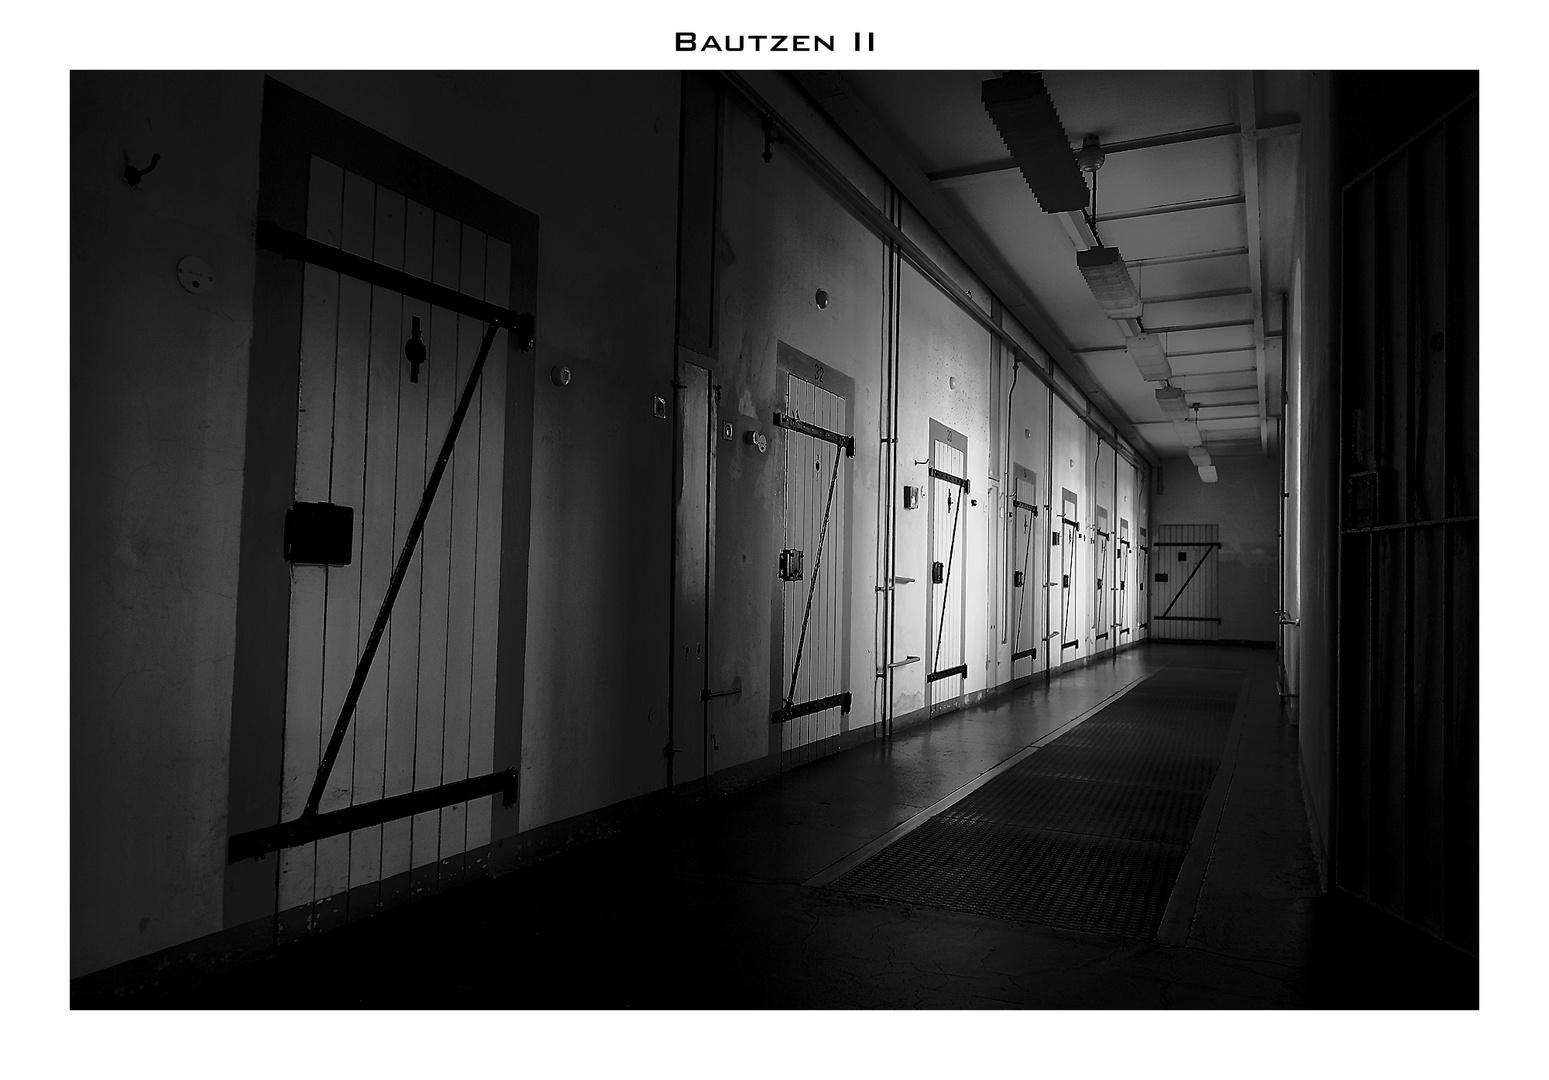 Bautzen II [1]